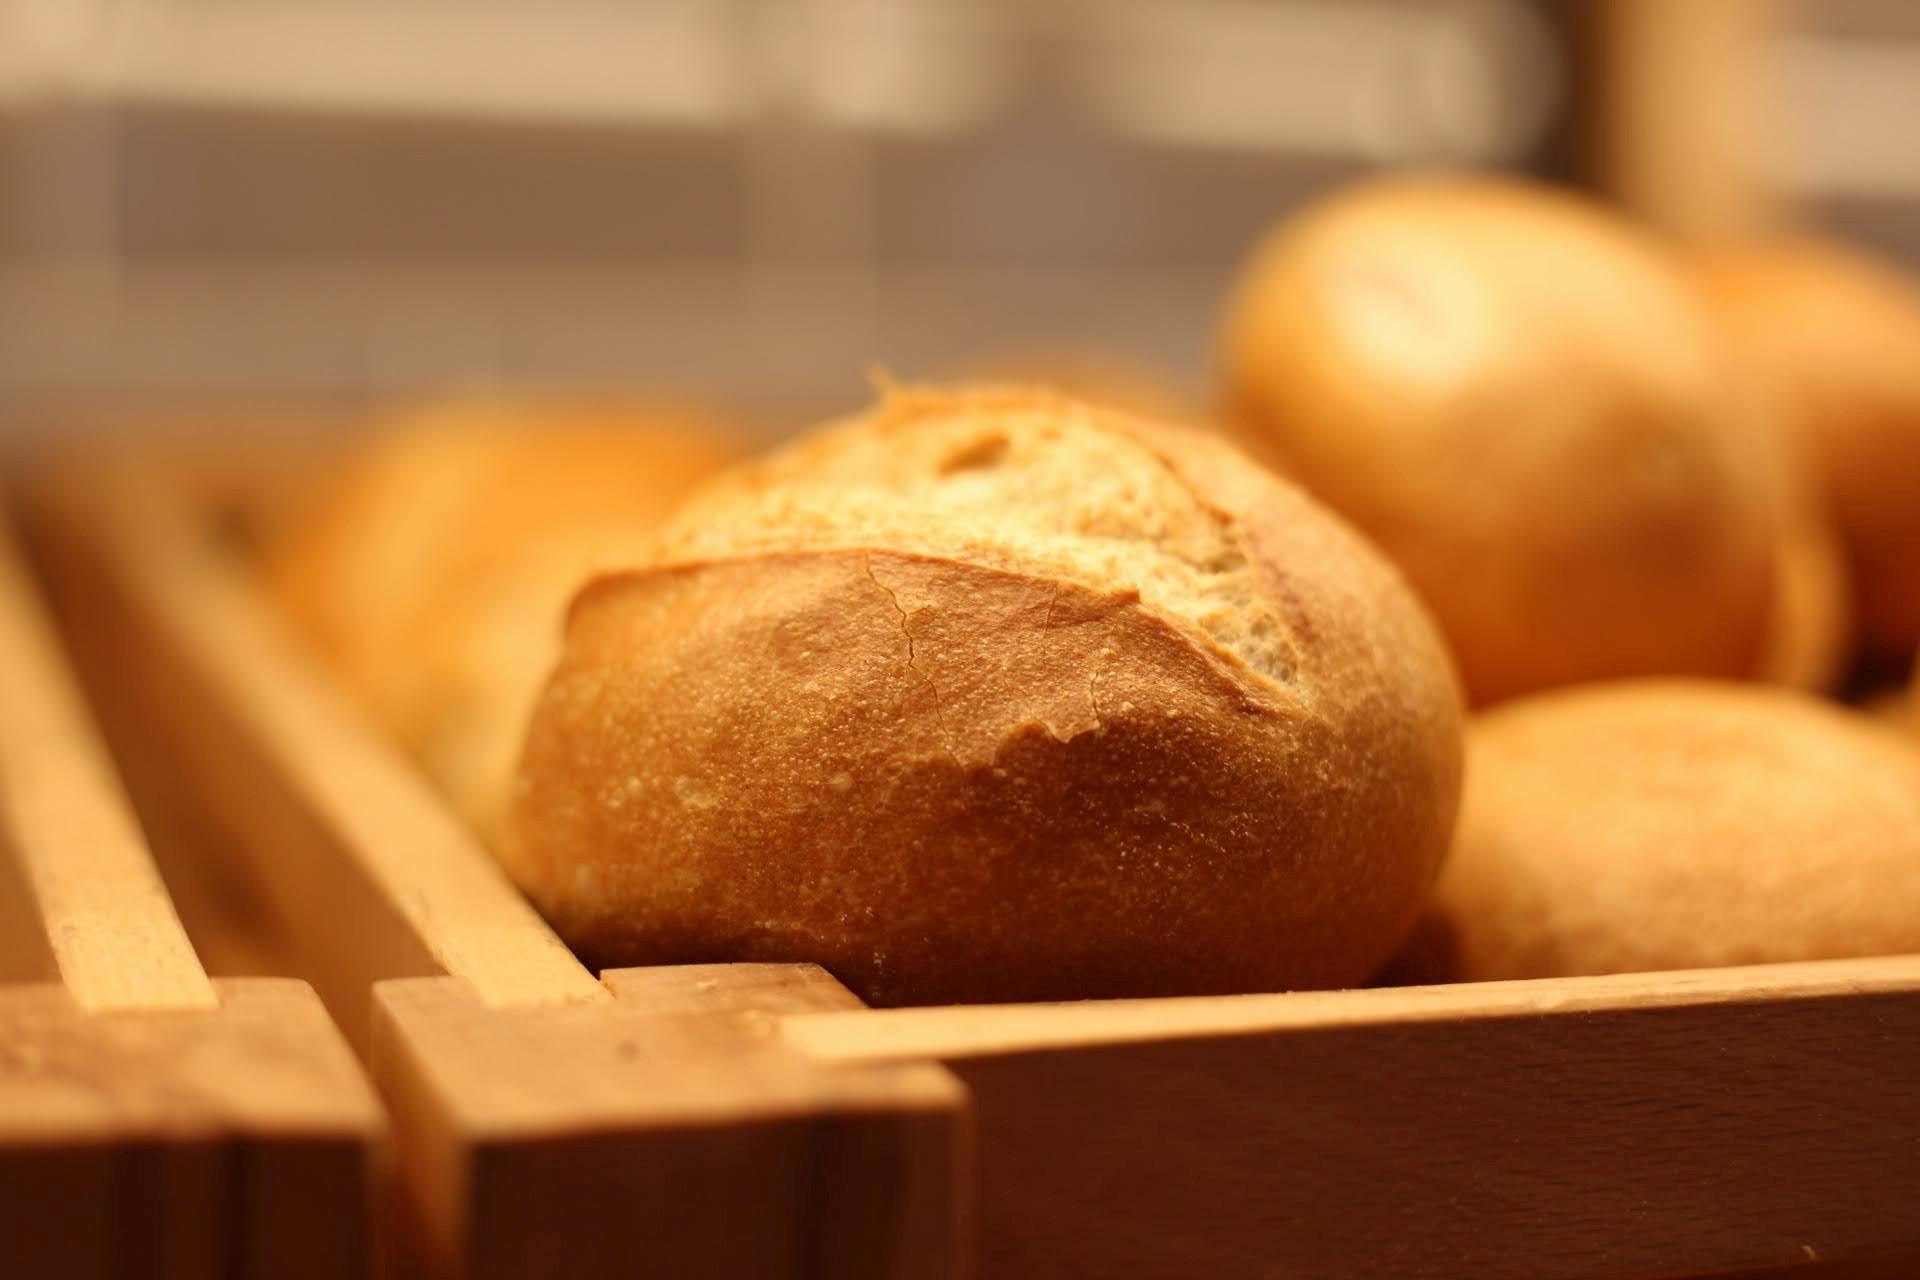 Das sind sie - die beliebten Ossibrötchen von Bäckerei Latsch.